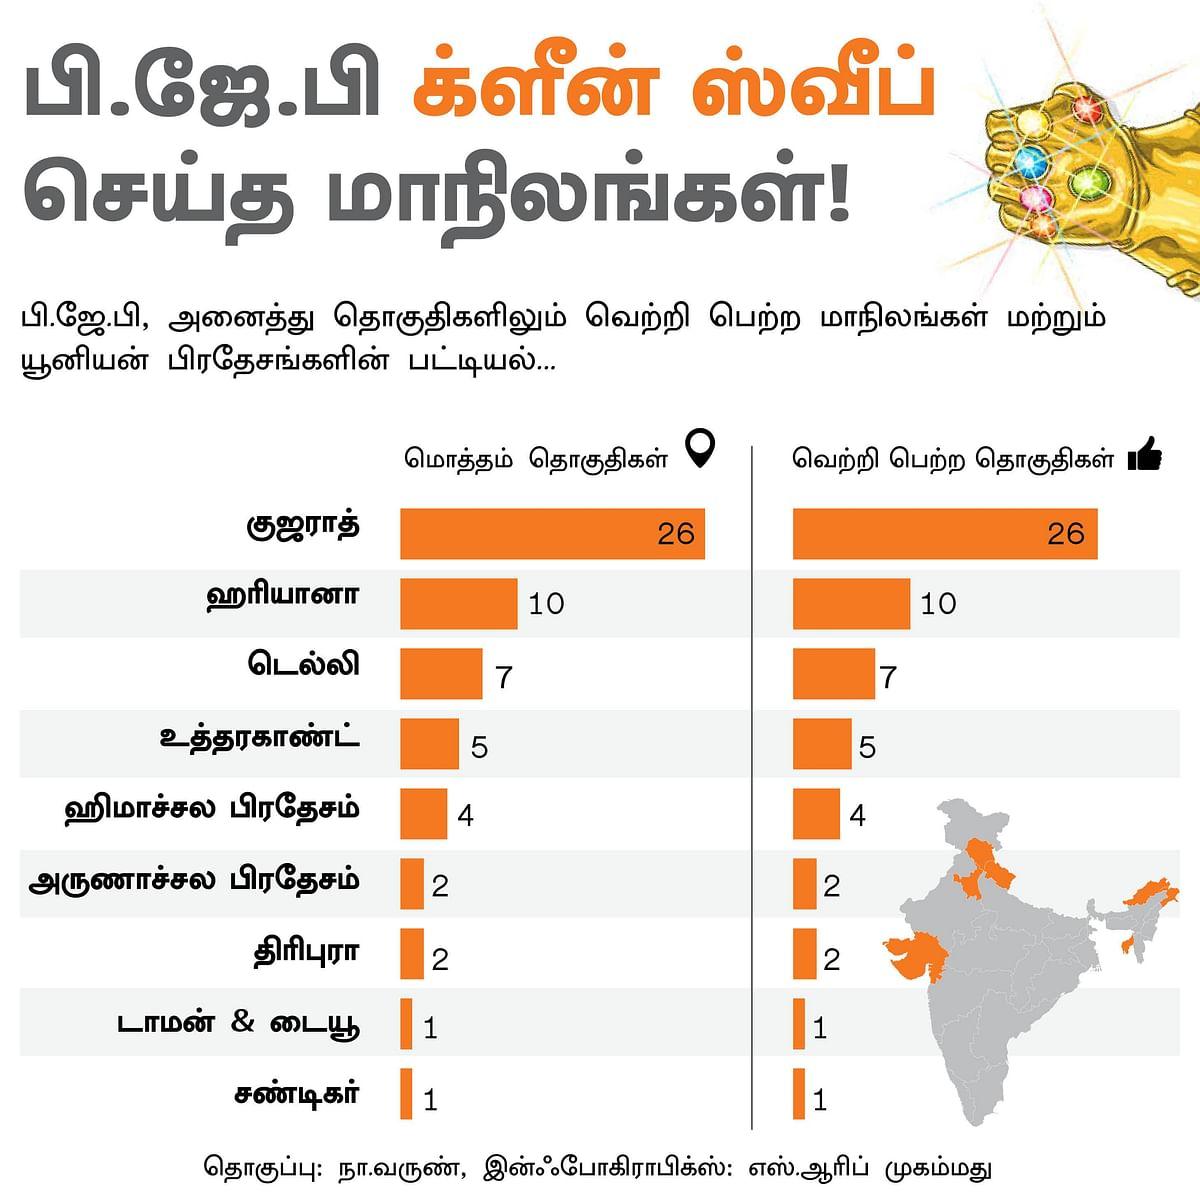 பி.ஜே.பி-யைக் கைவிடாத மாநிலங்கள்; எந்தக் கட்சிக்கு எத்தனை இடங்கள்..?#VikatanInfoGraphics